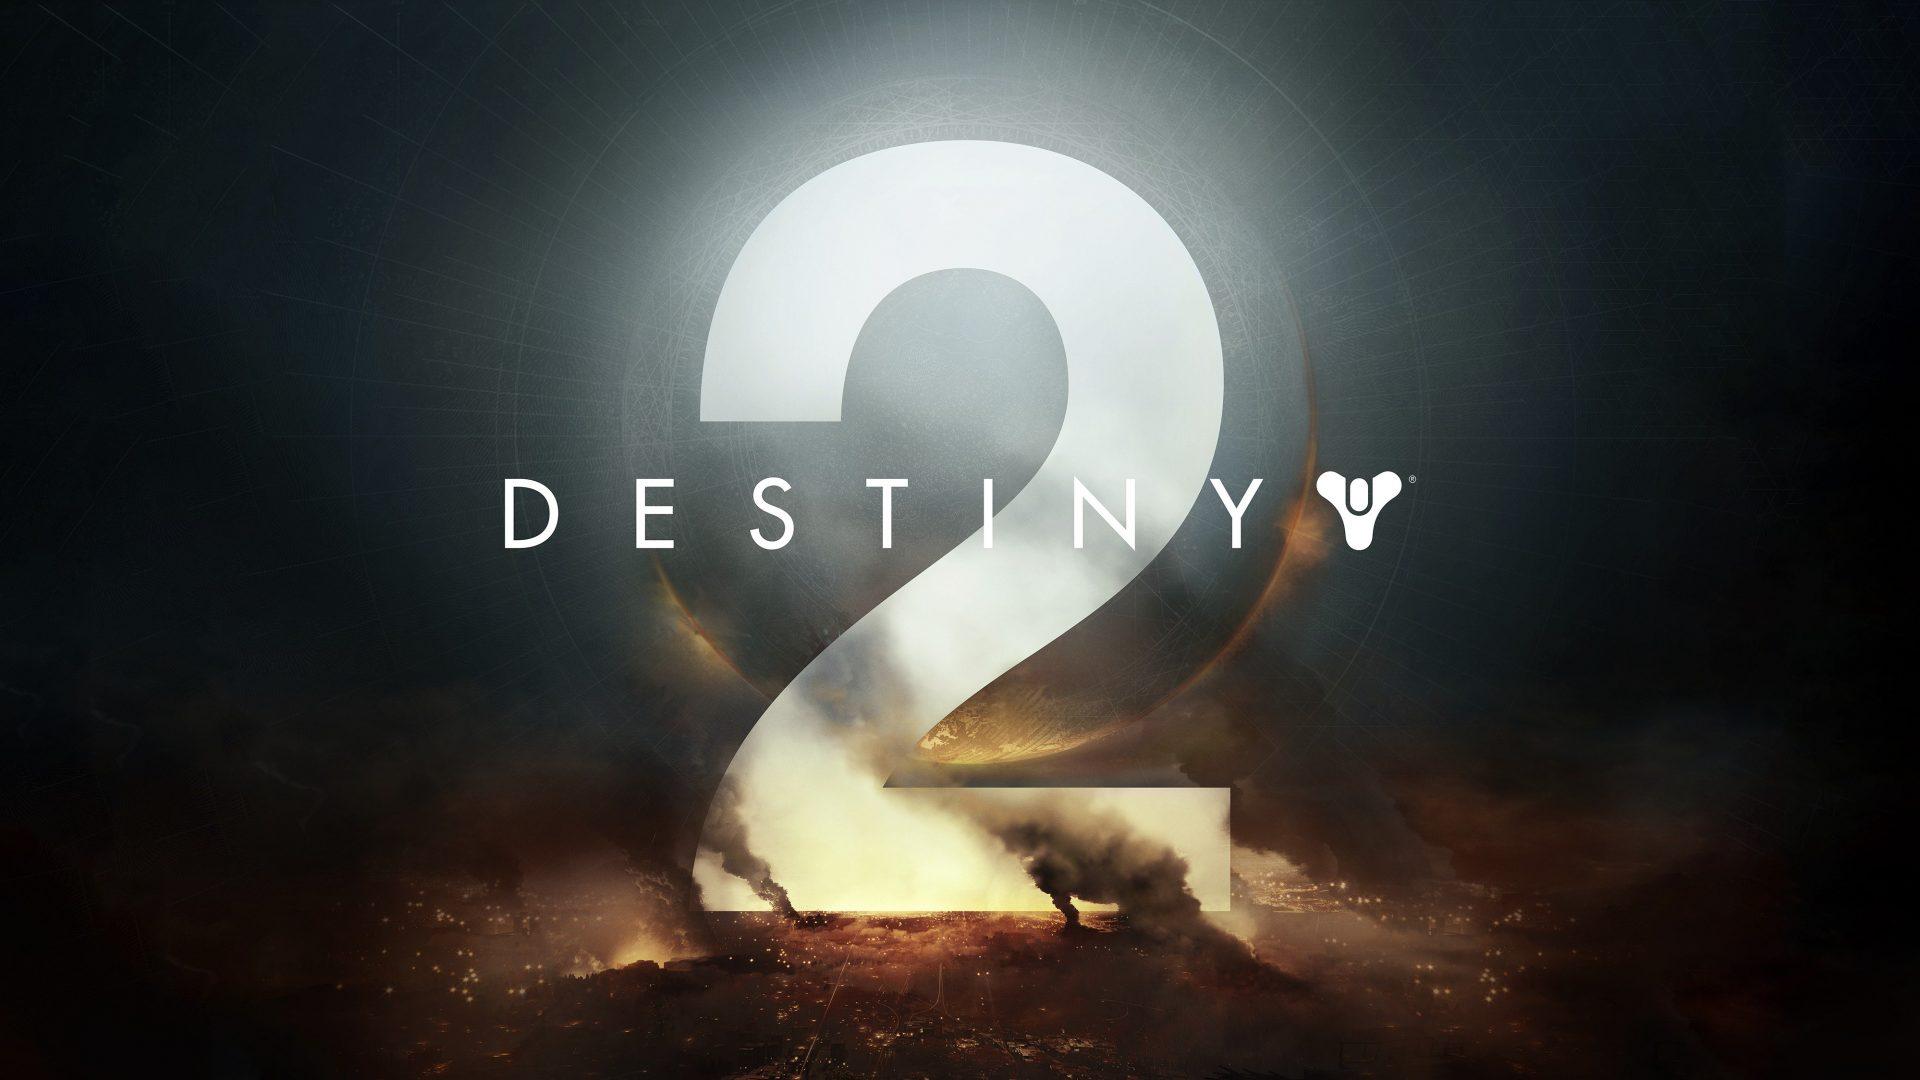 شاهد اولى عروض لعبة Destiny 2 التى تم الإعلان عنها للتو.